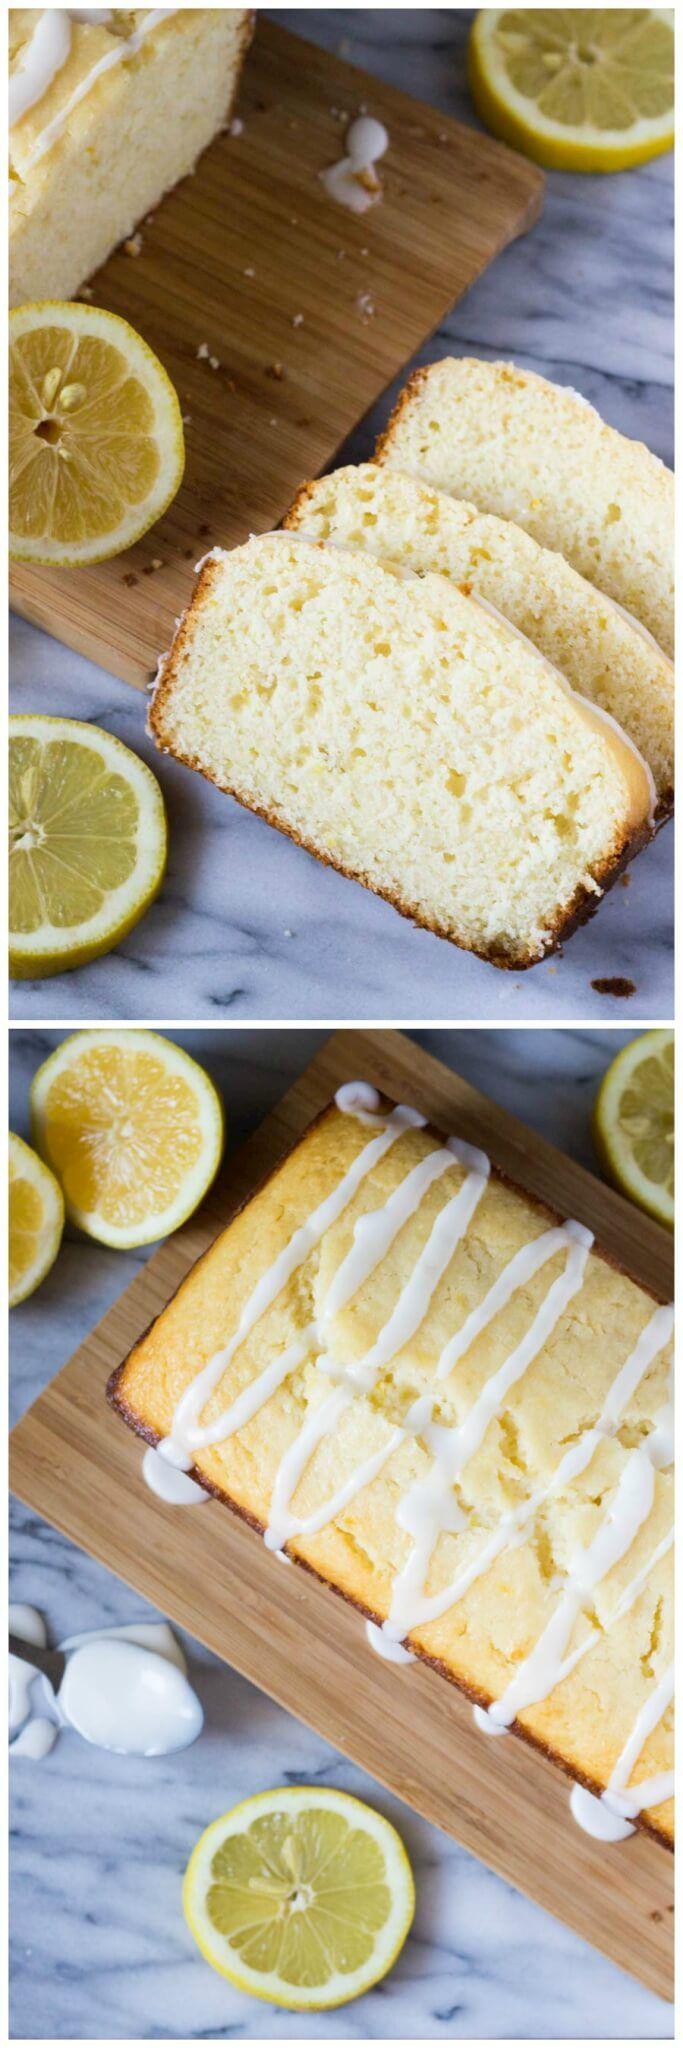 The softest, moistest lemon loaf. Bursting with fresh lemon flavor - this easy recipe is even better than the Starbucks version!